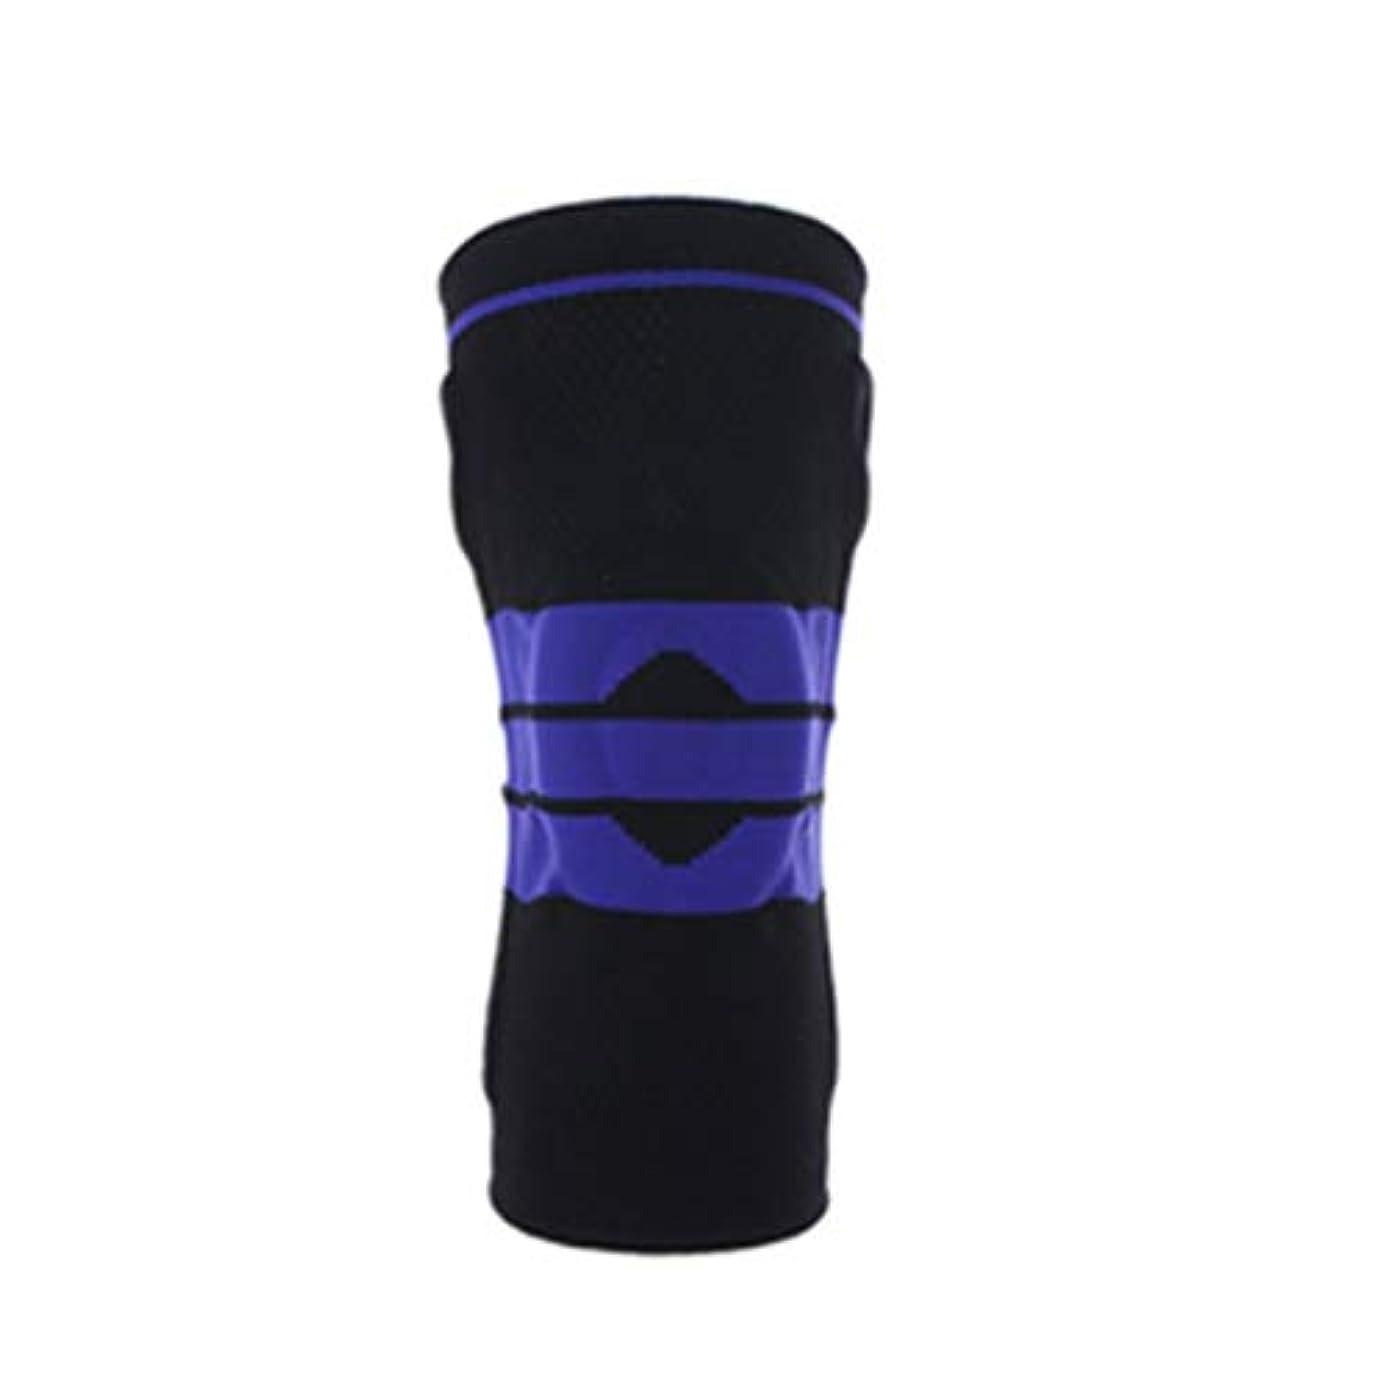 けん引共和国高原男性と女性のスポーツ膝パッドシリコーンスプリングニット膝パッドバスケットボール-Rustle666